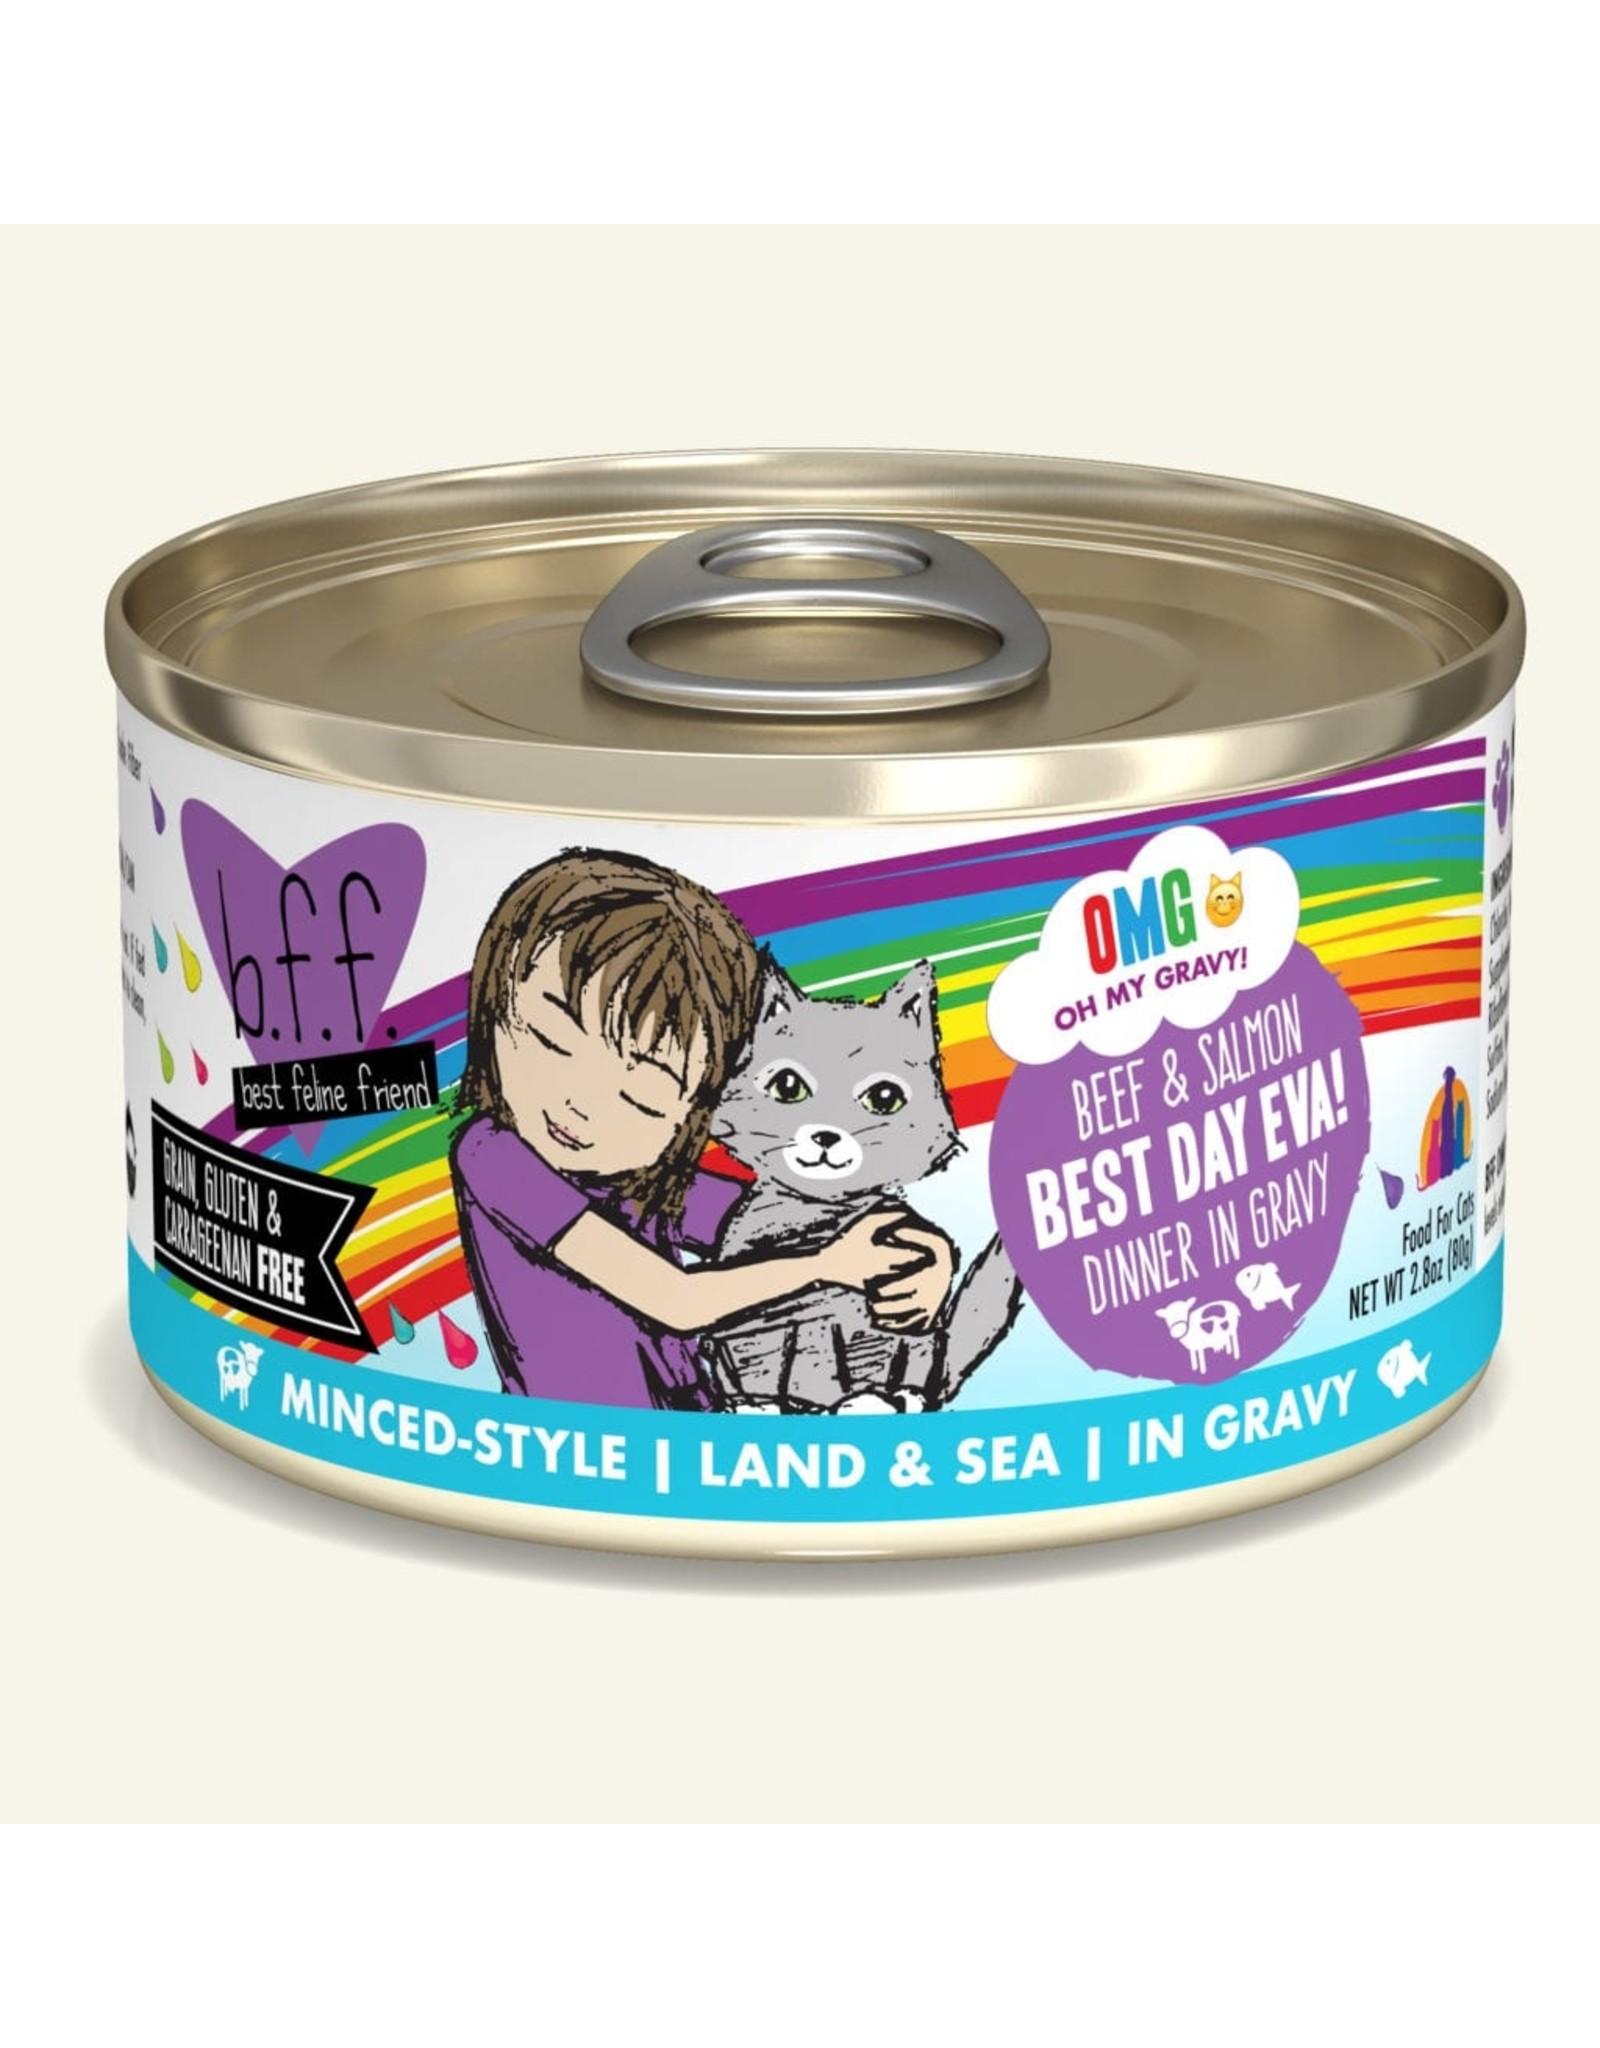 Weruva BFF Weruva B.F.F. OMG Best Feline Friend Oh My Gravy Wet Cat Food Best Day Eva! Beef & Salmon Dinner in Gravy 3oz Can